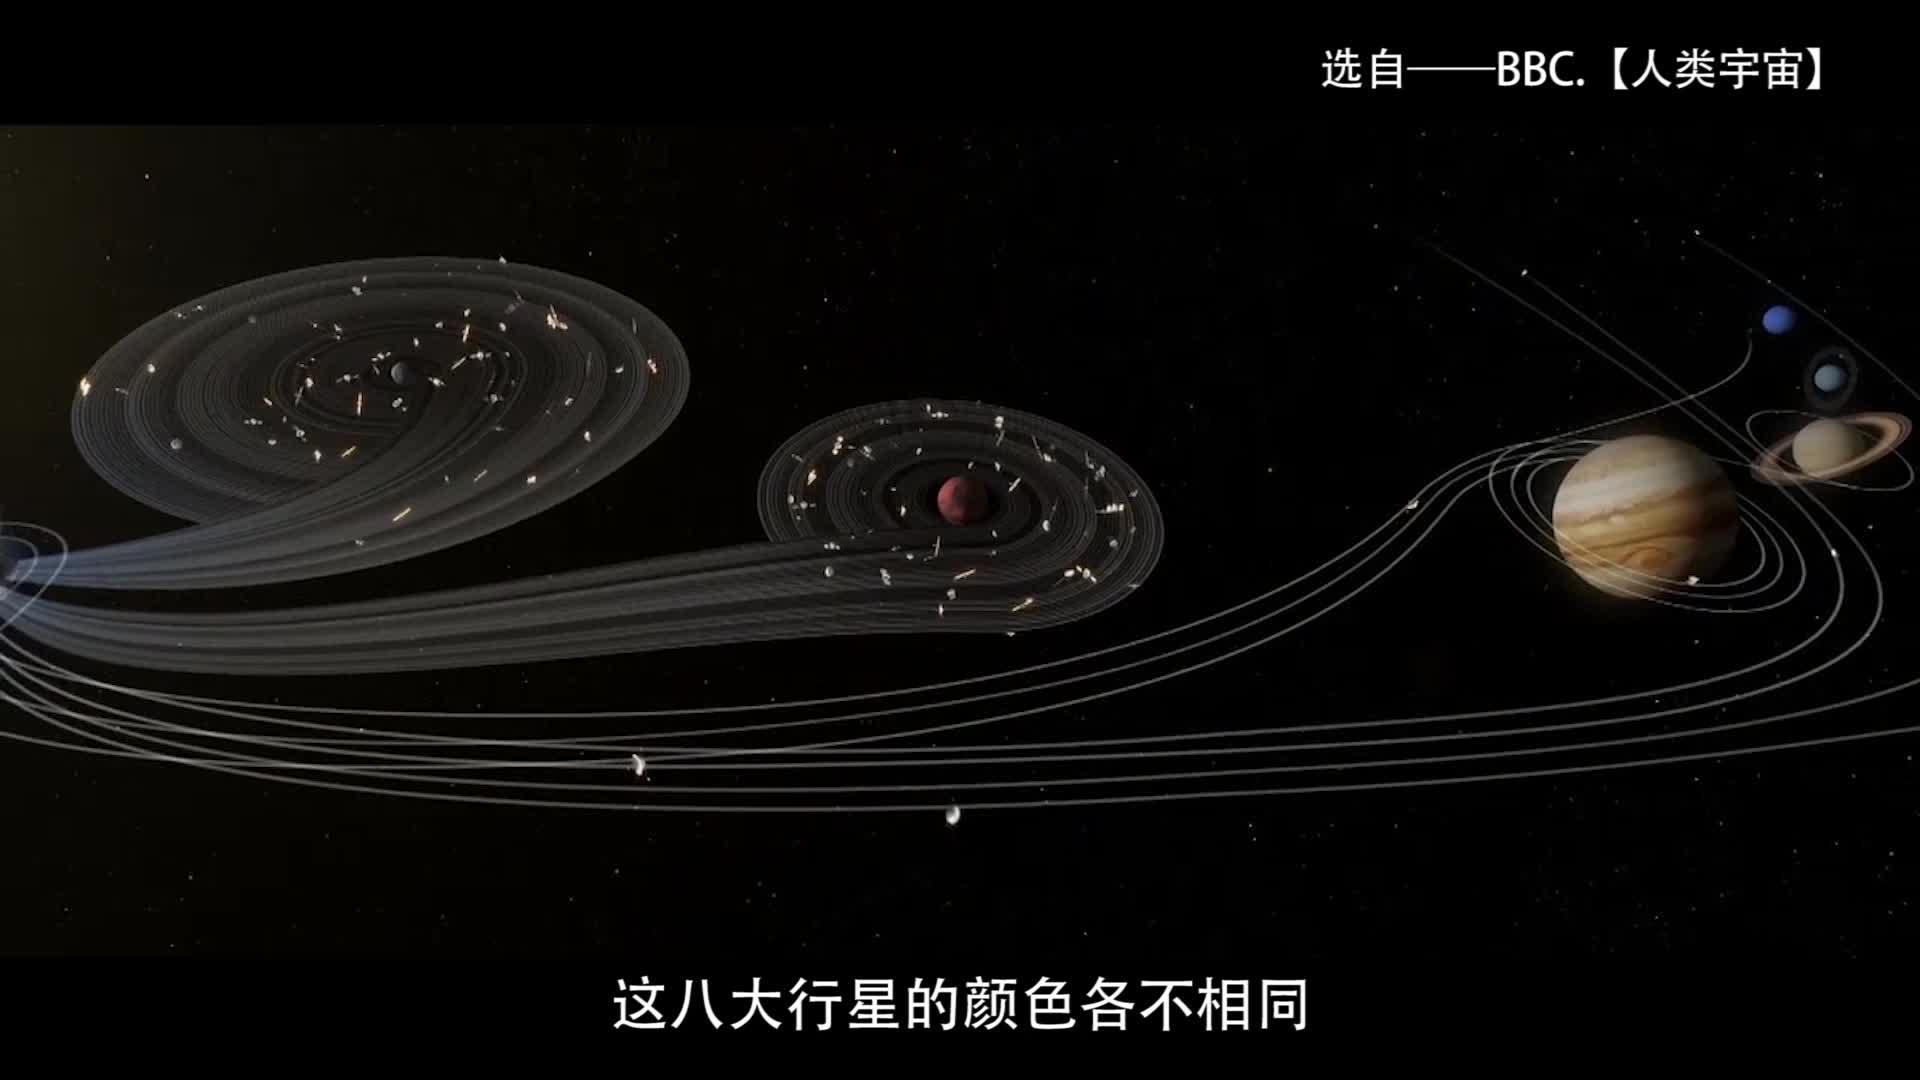 《物理大师》20光的色散-星辰间的流浪者